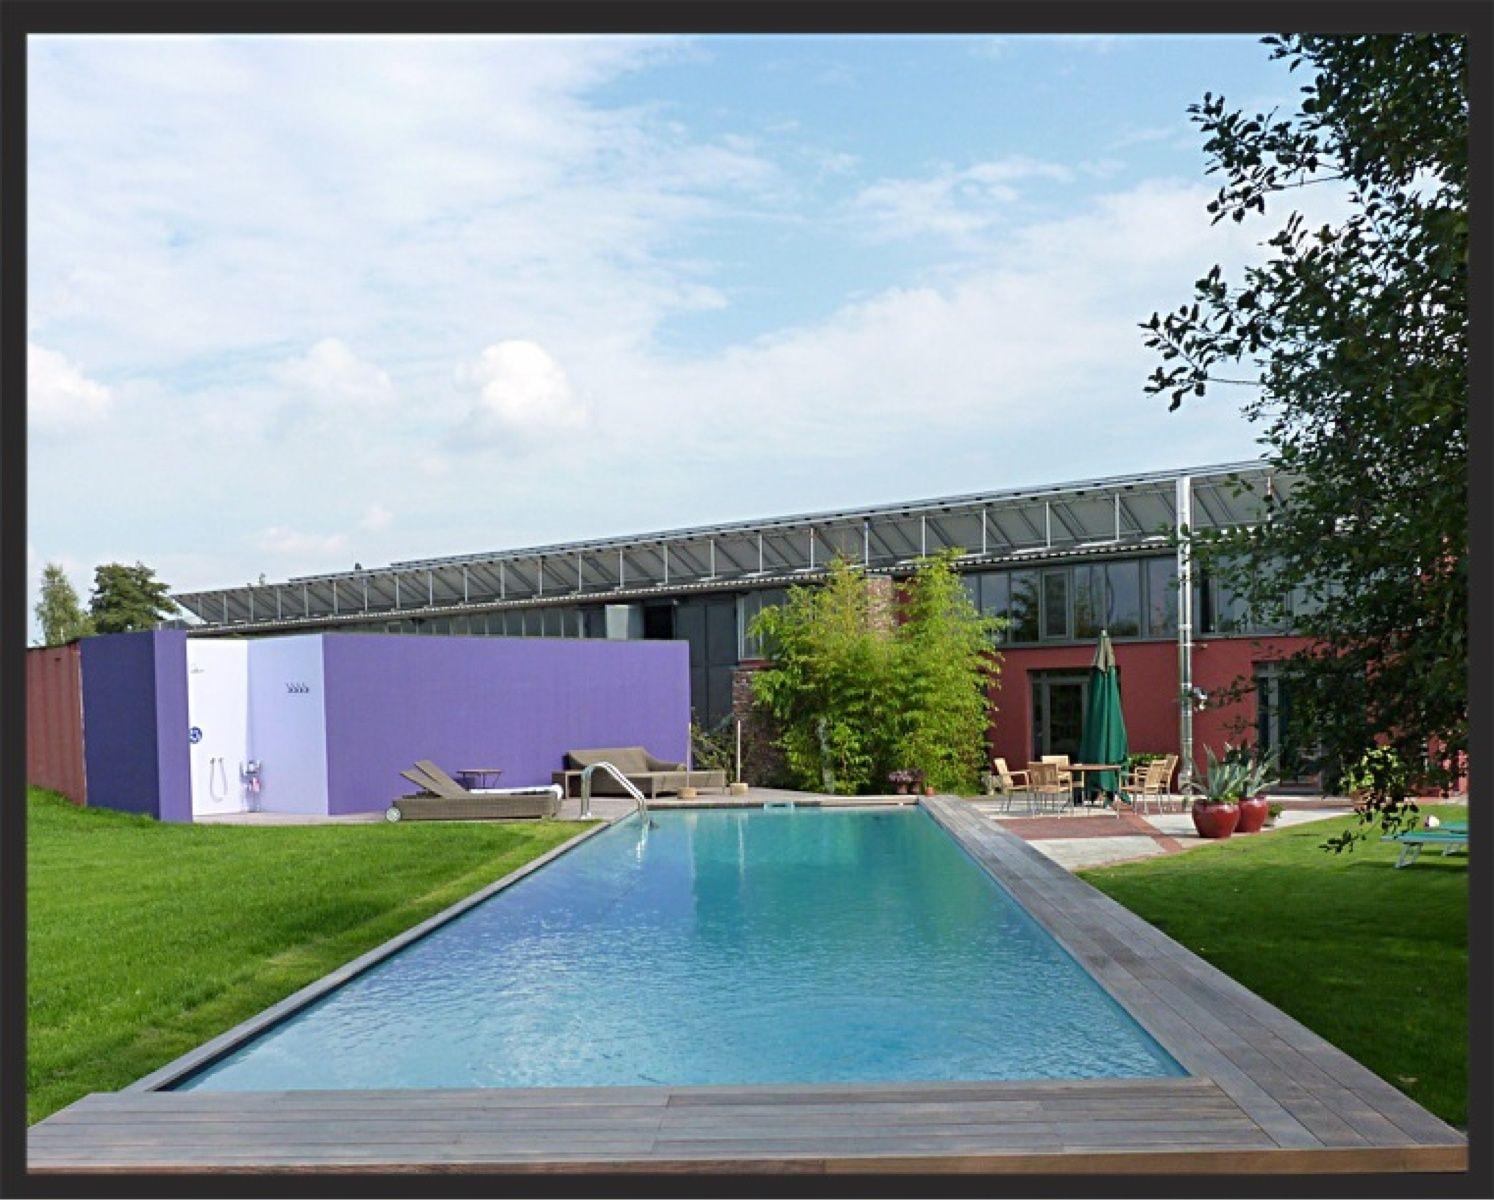 Bezaubernd Pool Salzwasser Referenz Von Harms & Müller Mit Salzelektrolyse Anlage &